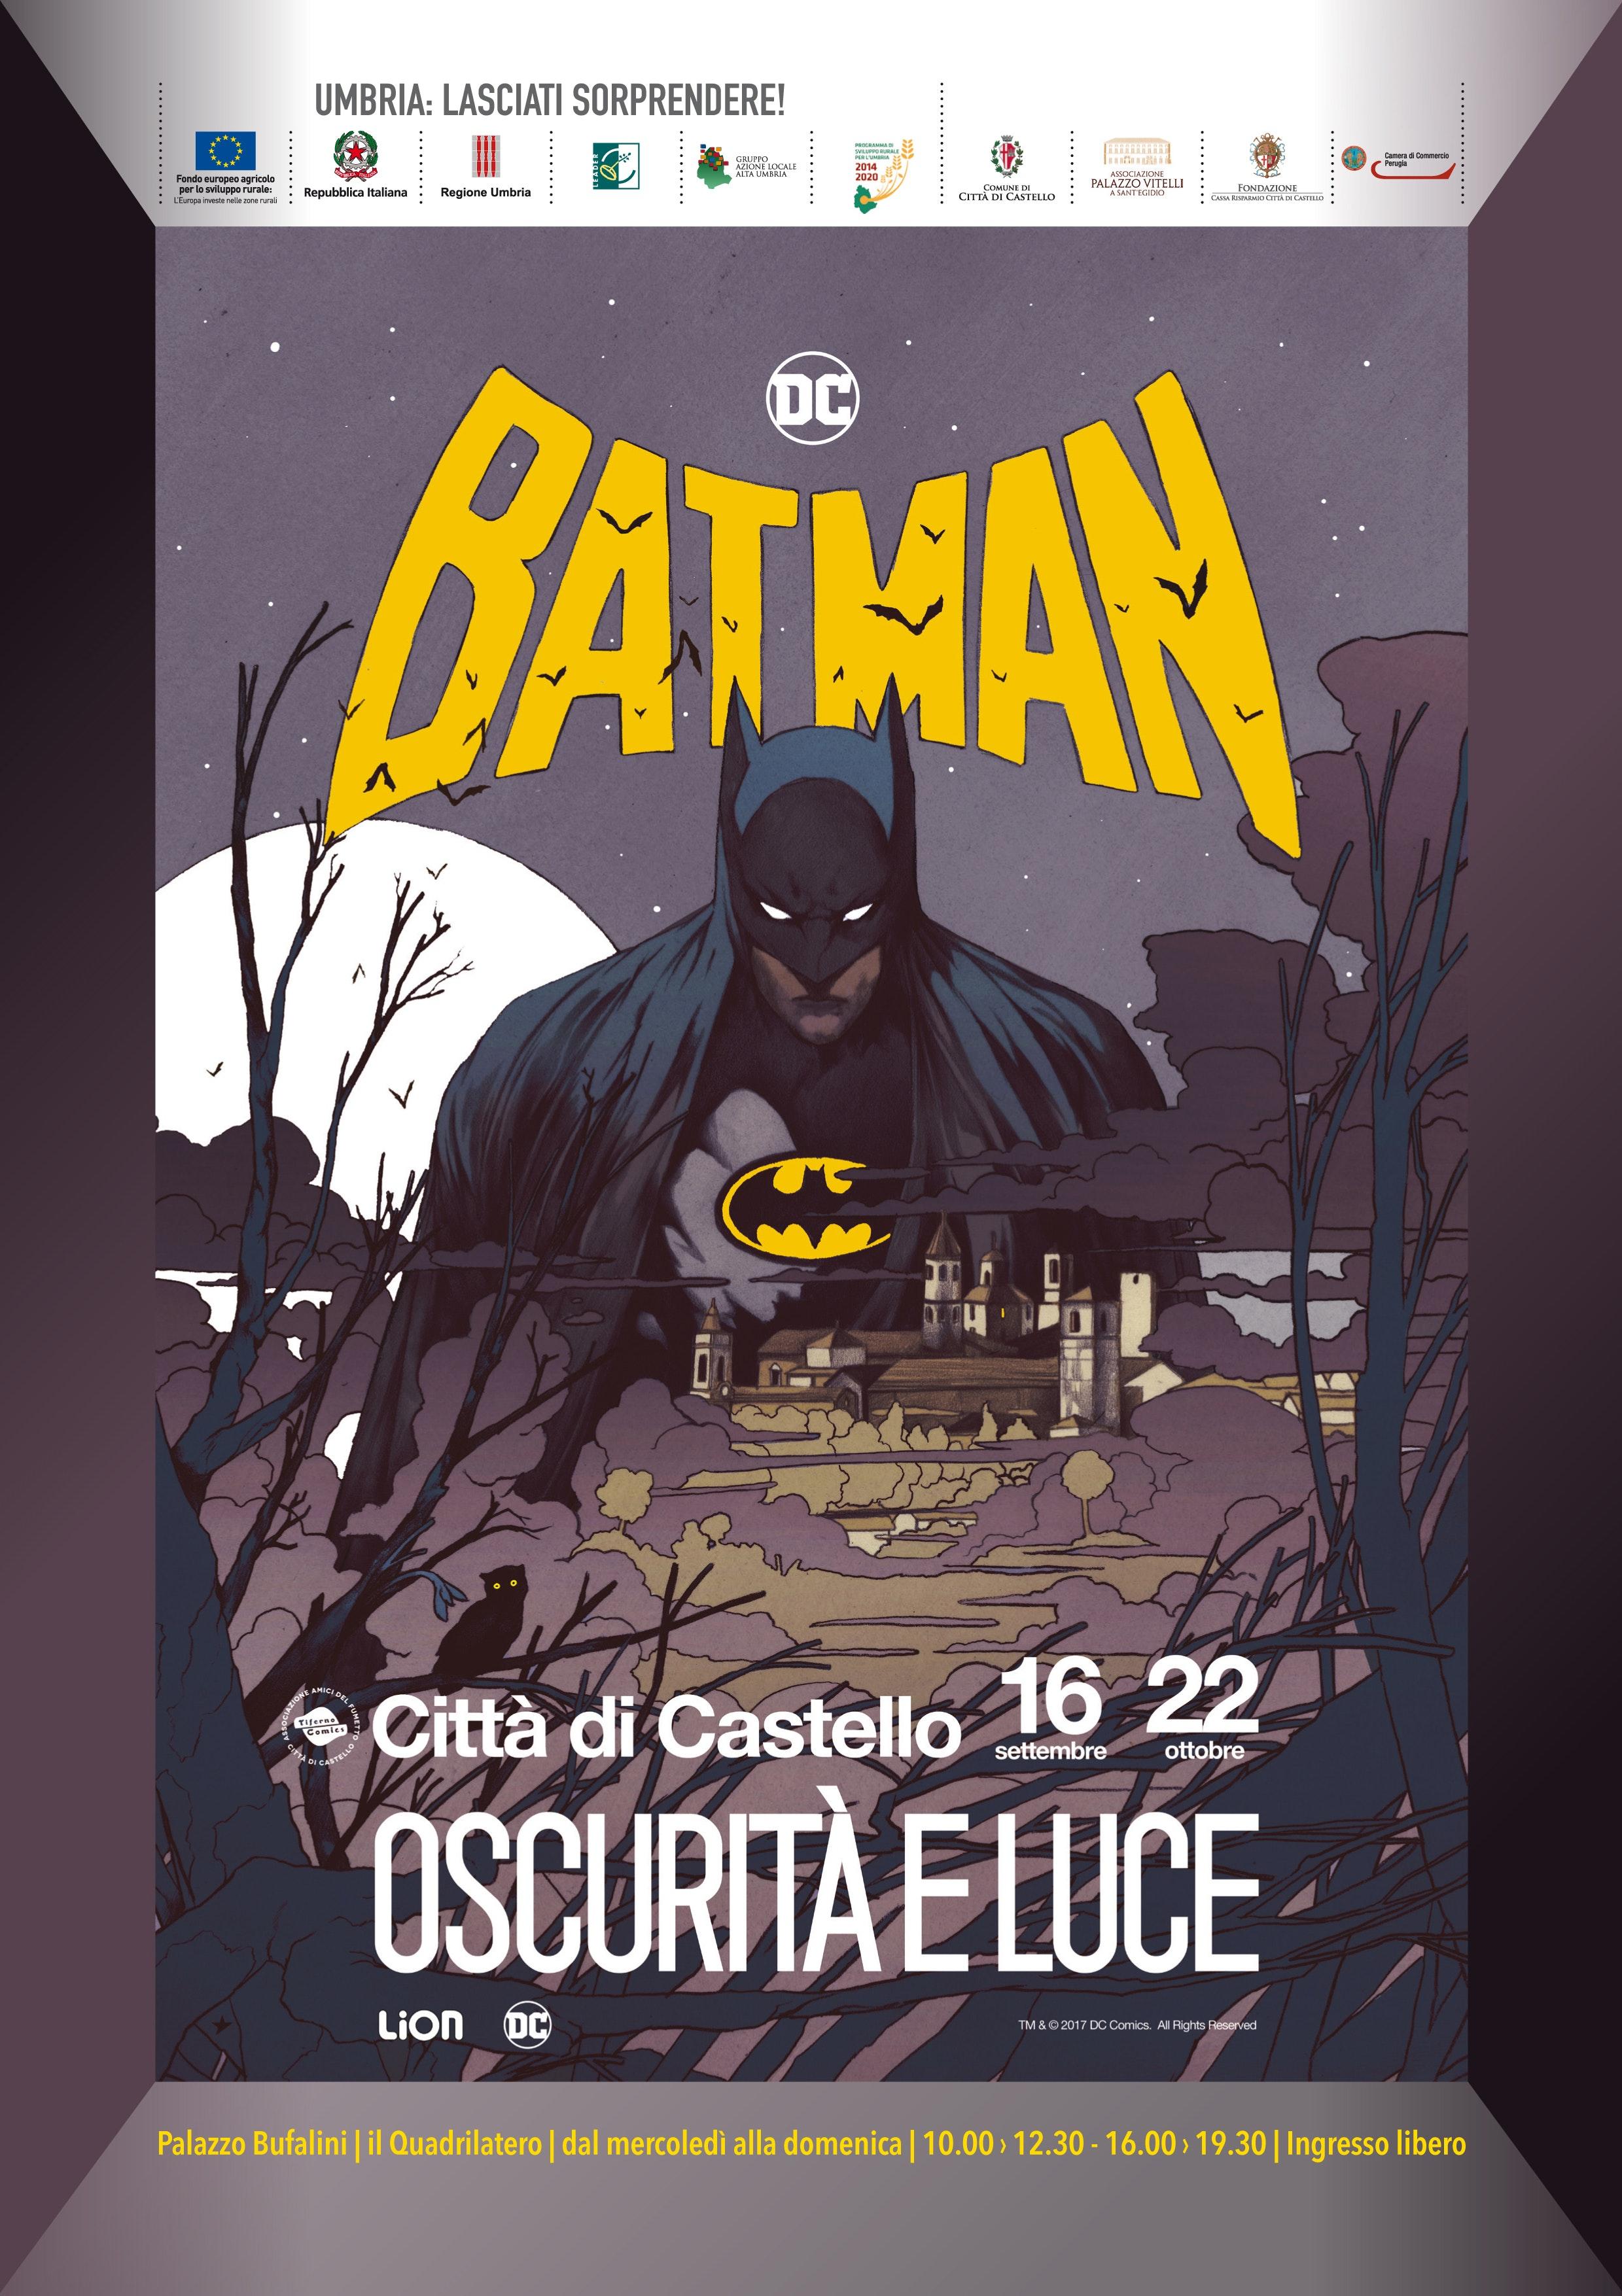 1504535450712077 batman oscuritaluce concept